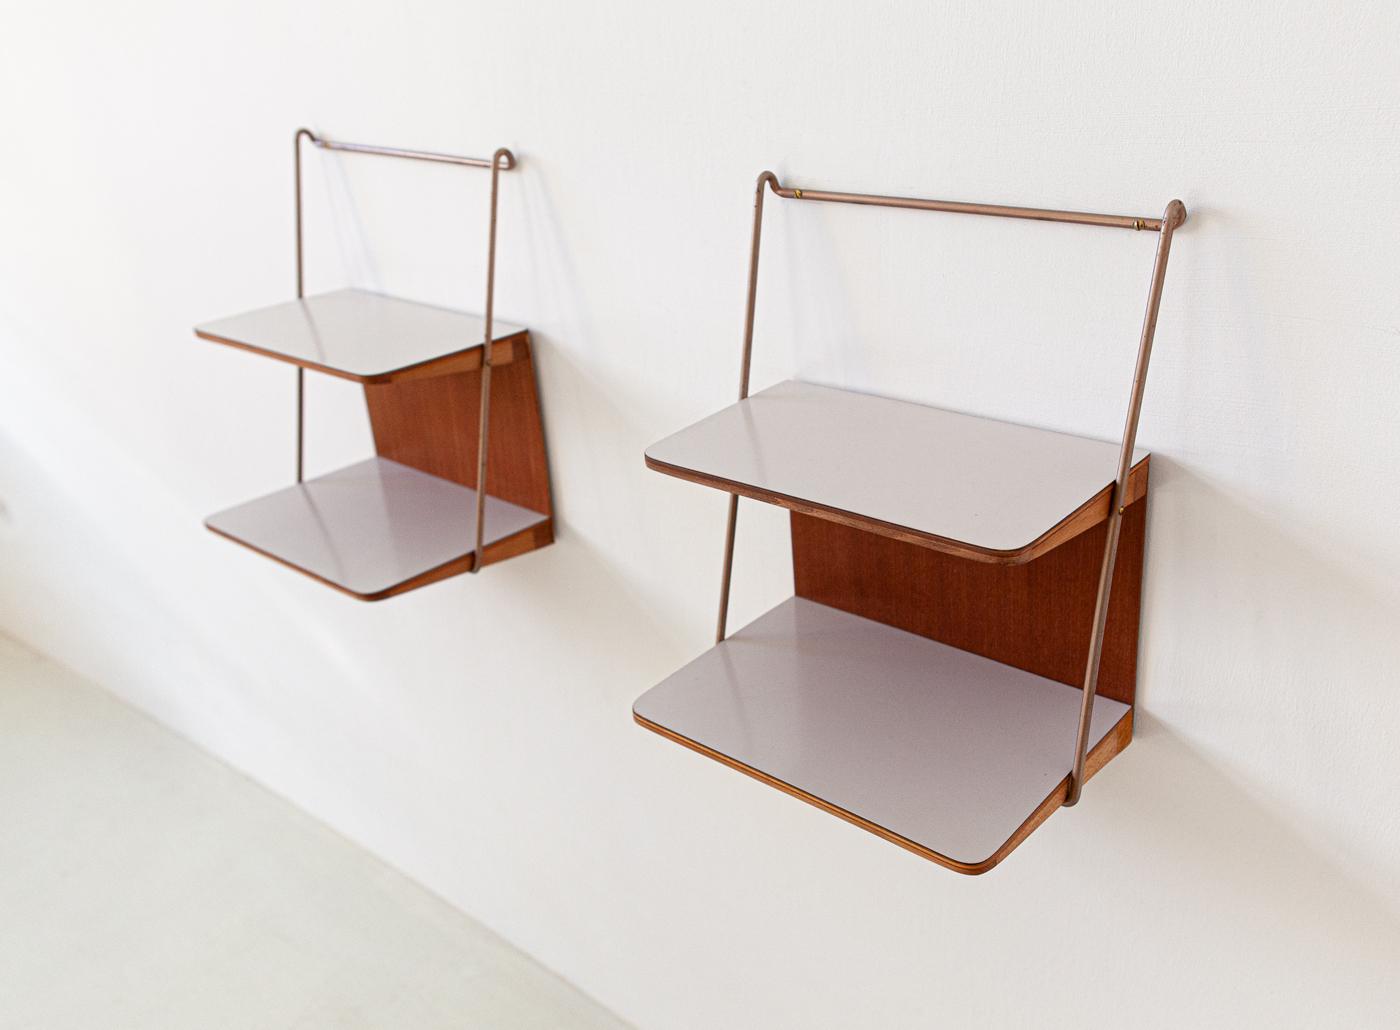 1950s-wall-mounted-teak-nighstands-4-bt86